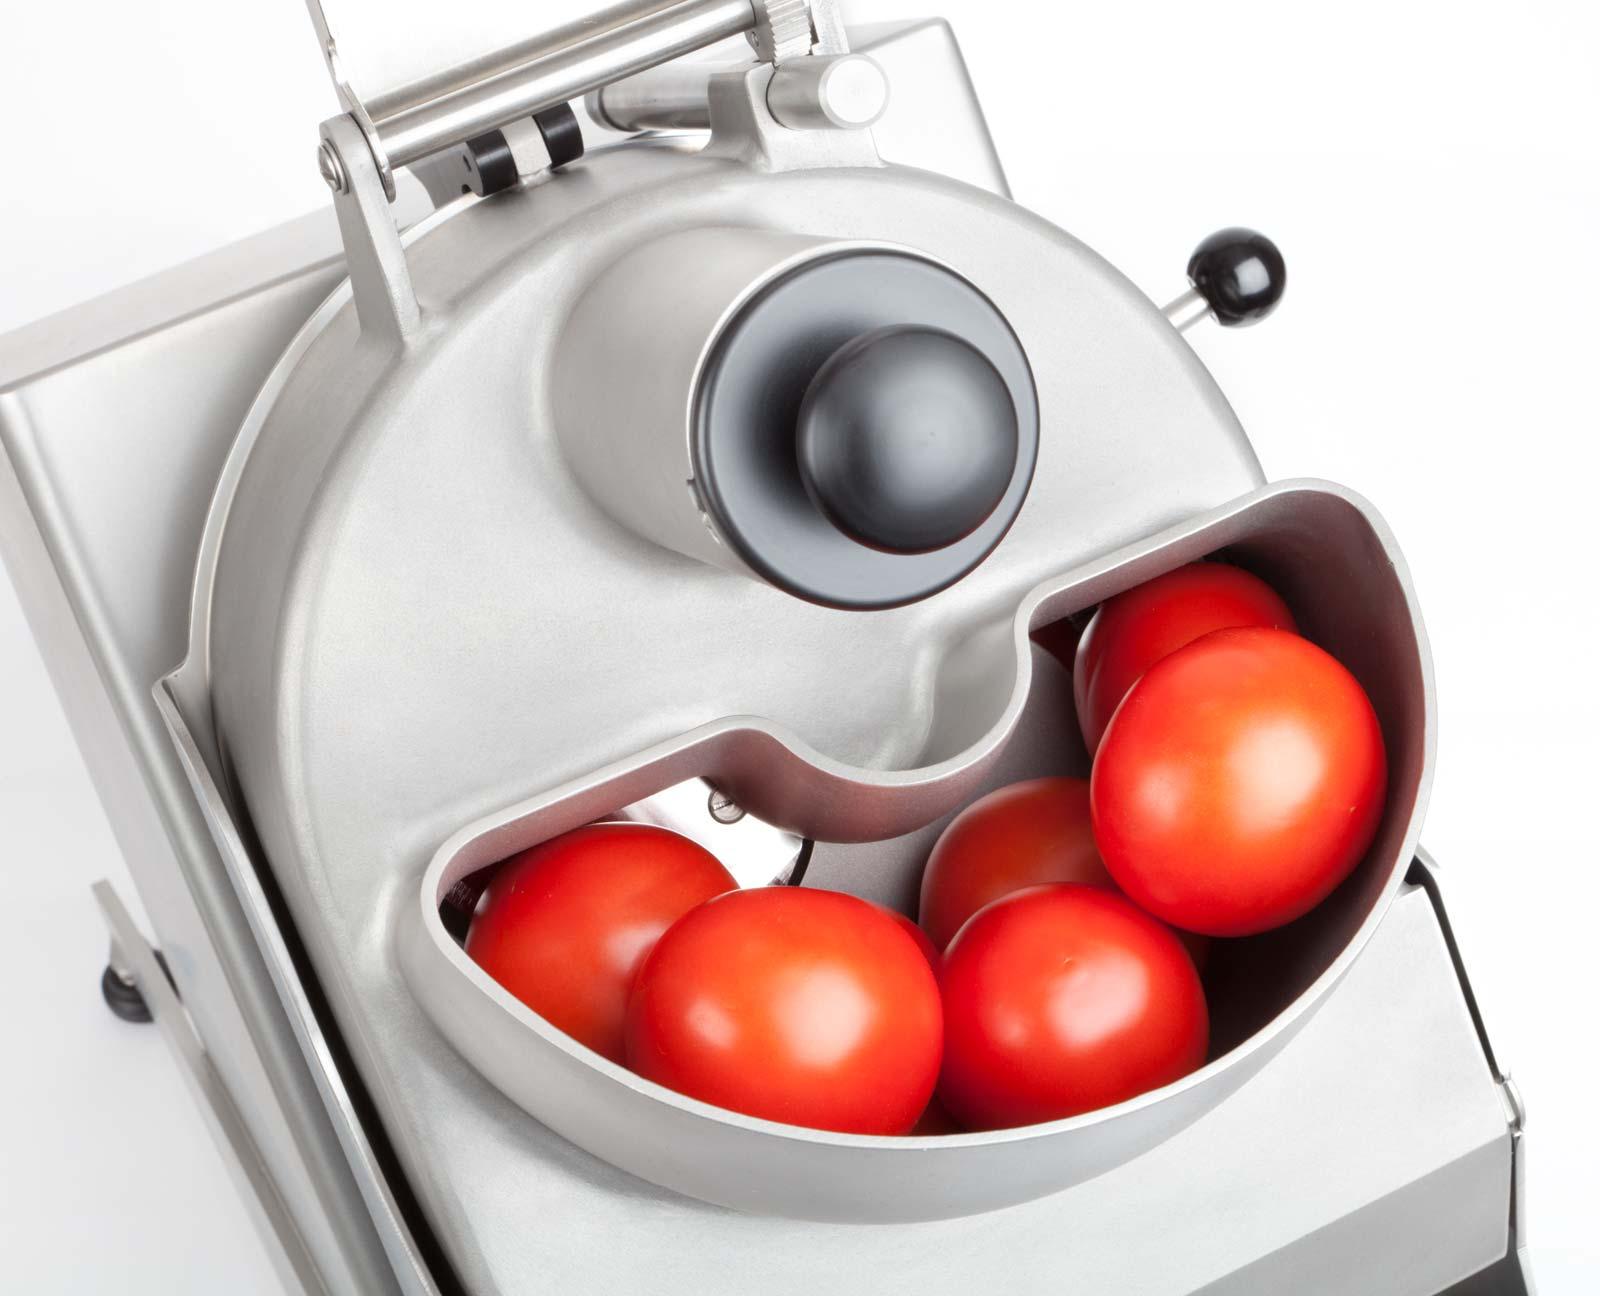 Feuma Supra 6e Multifunktions-Küchenmaschine für die Profiküche - Großer Einfüllschacht